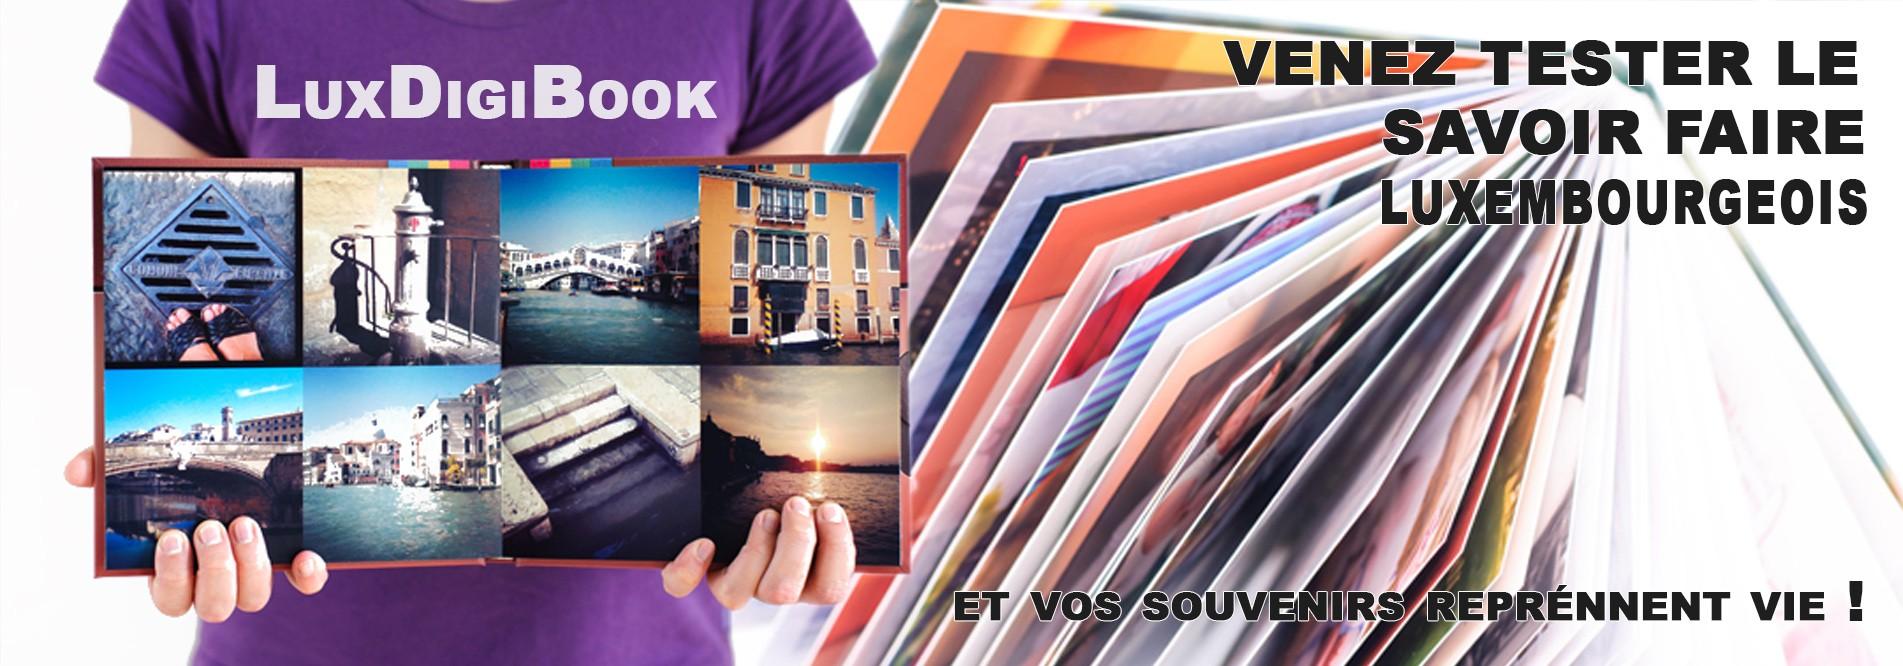 LuxDigiBook